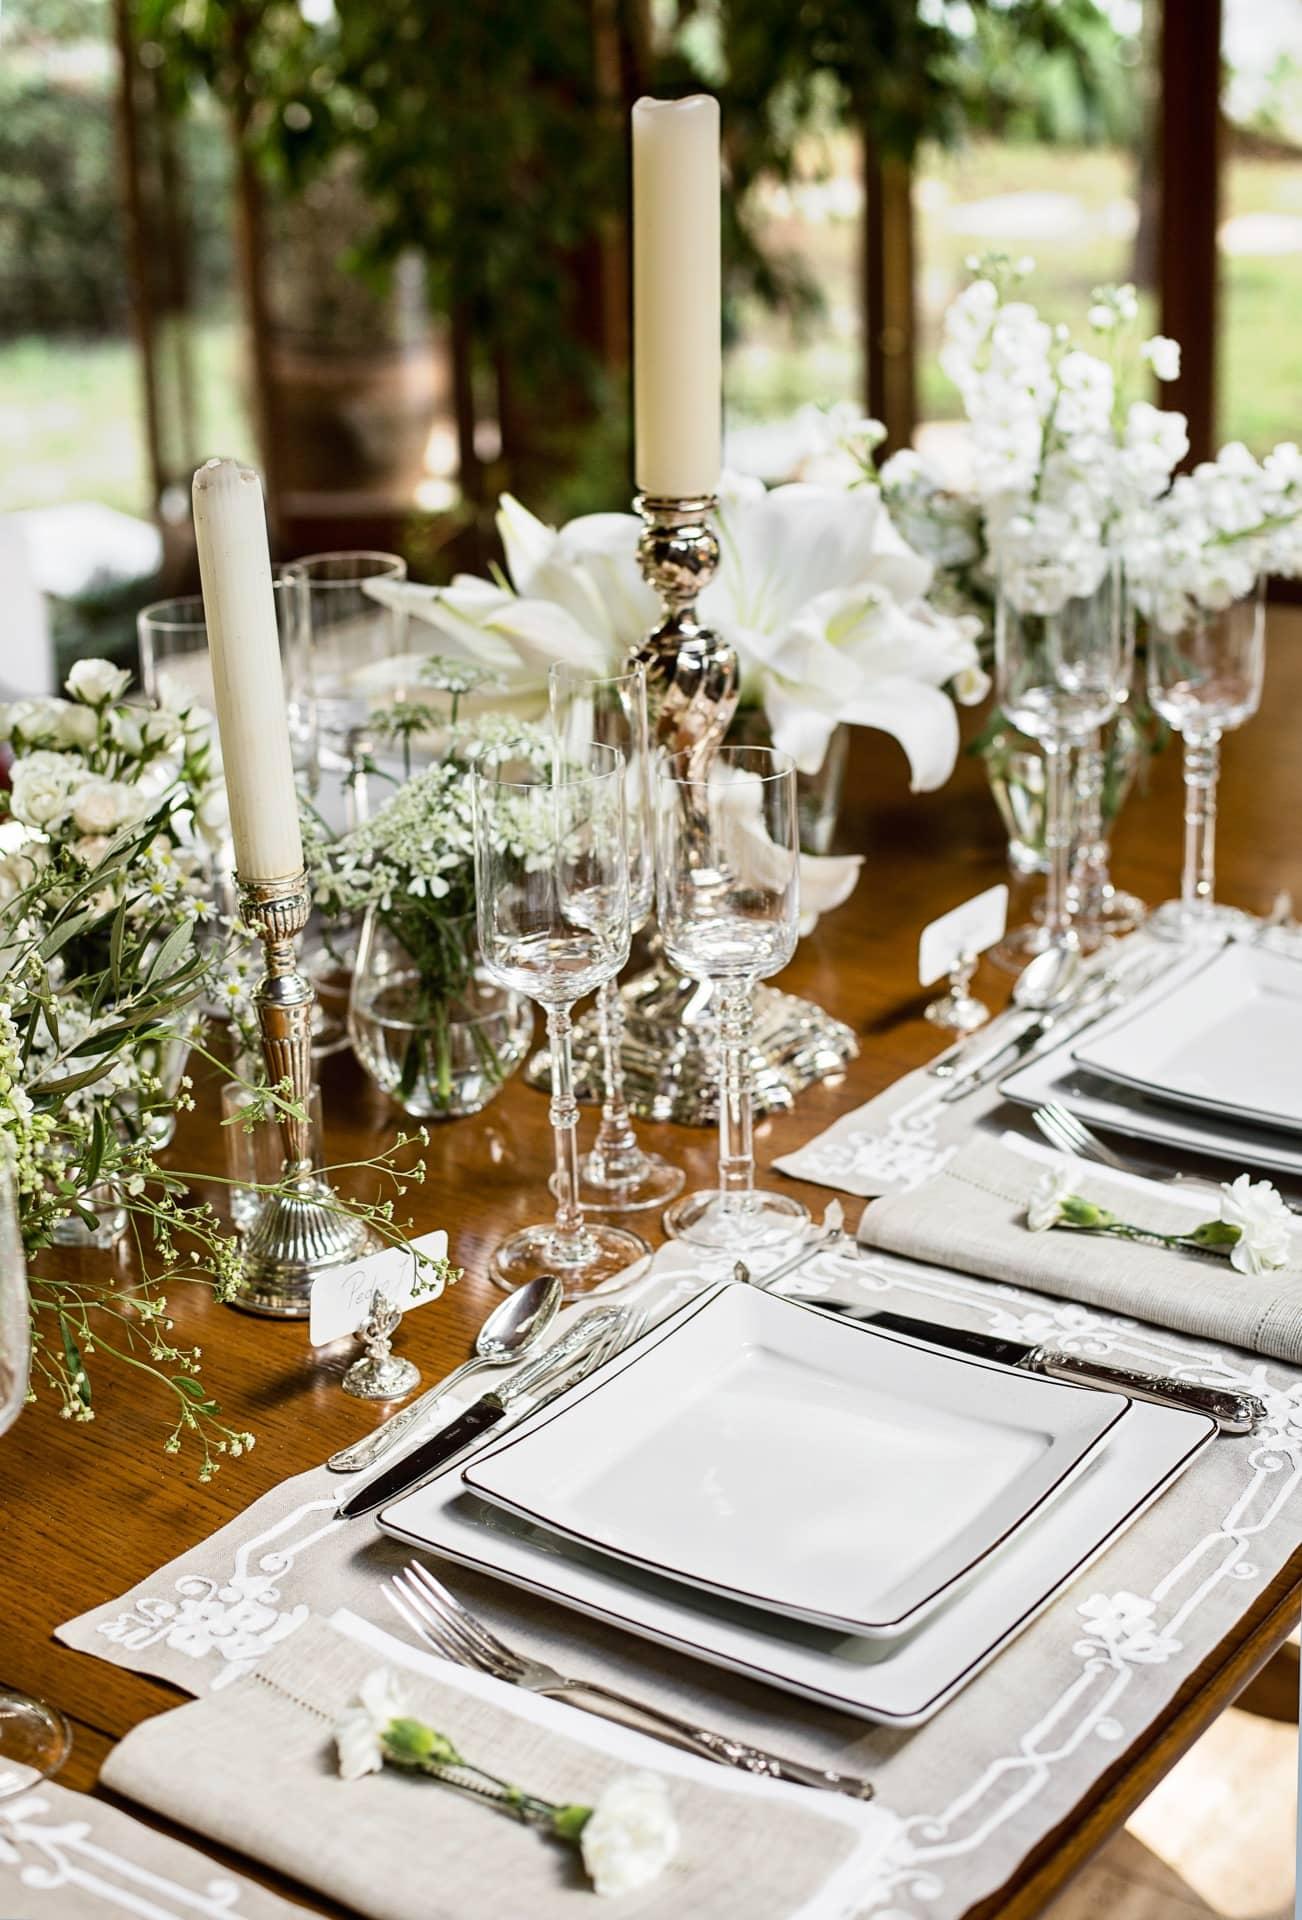 Imagem: Glamour à prova de erro: castiçais de prata, com velas brancas, ficam em meio a pequenos arranjos de flores, também brancas.Foto: Elisa Correa.